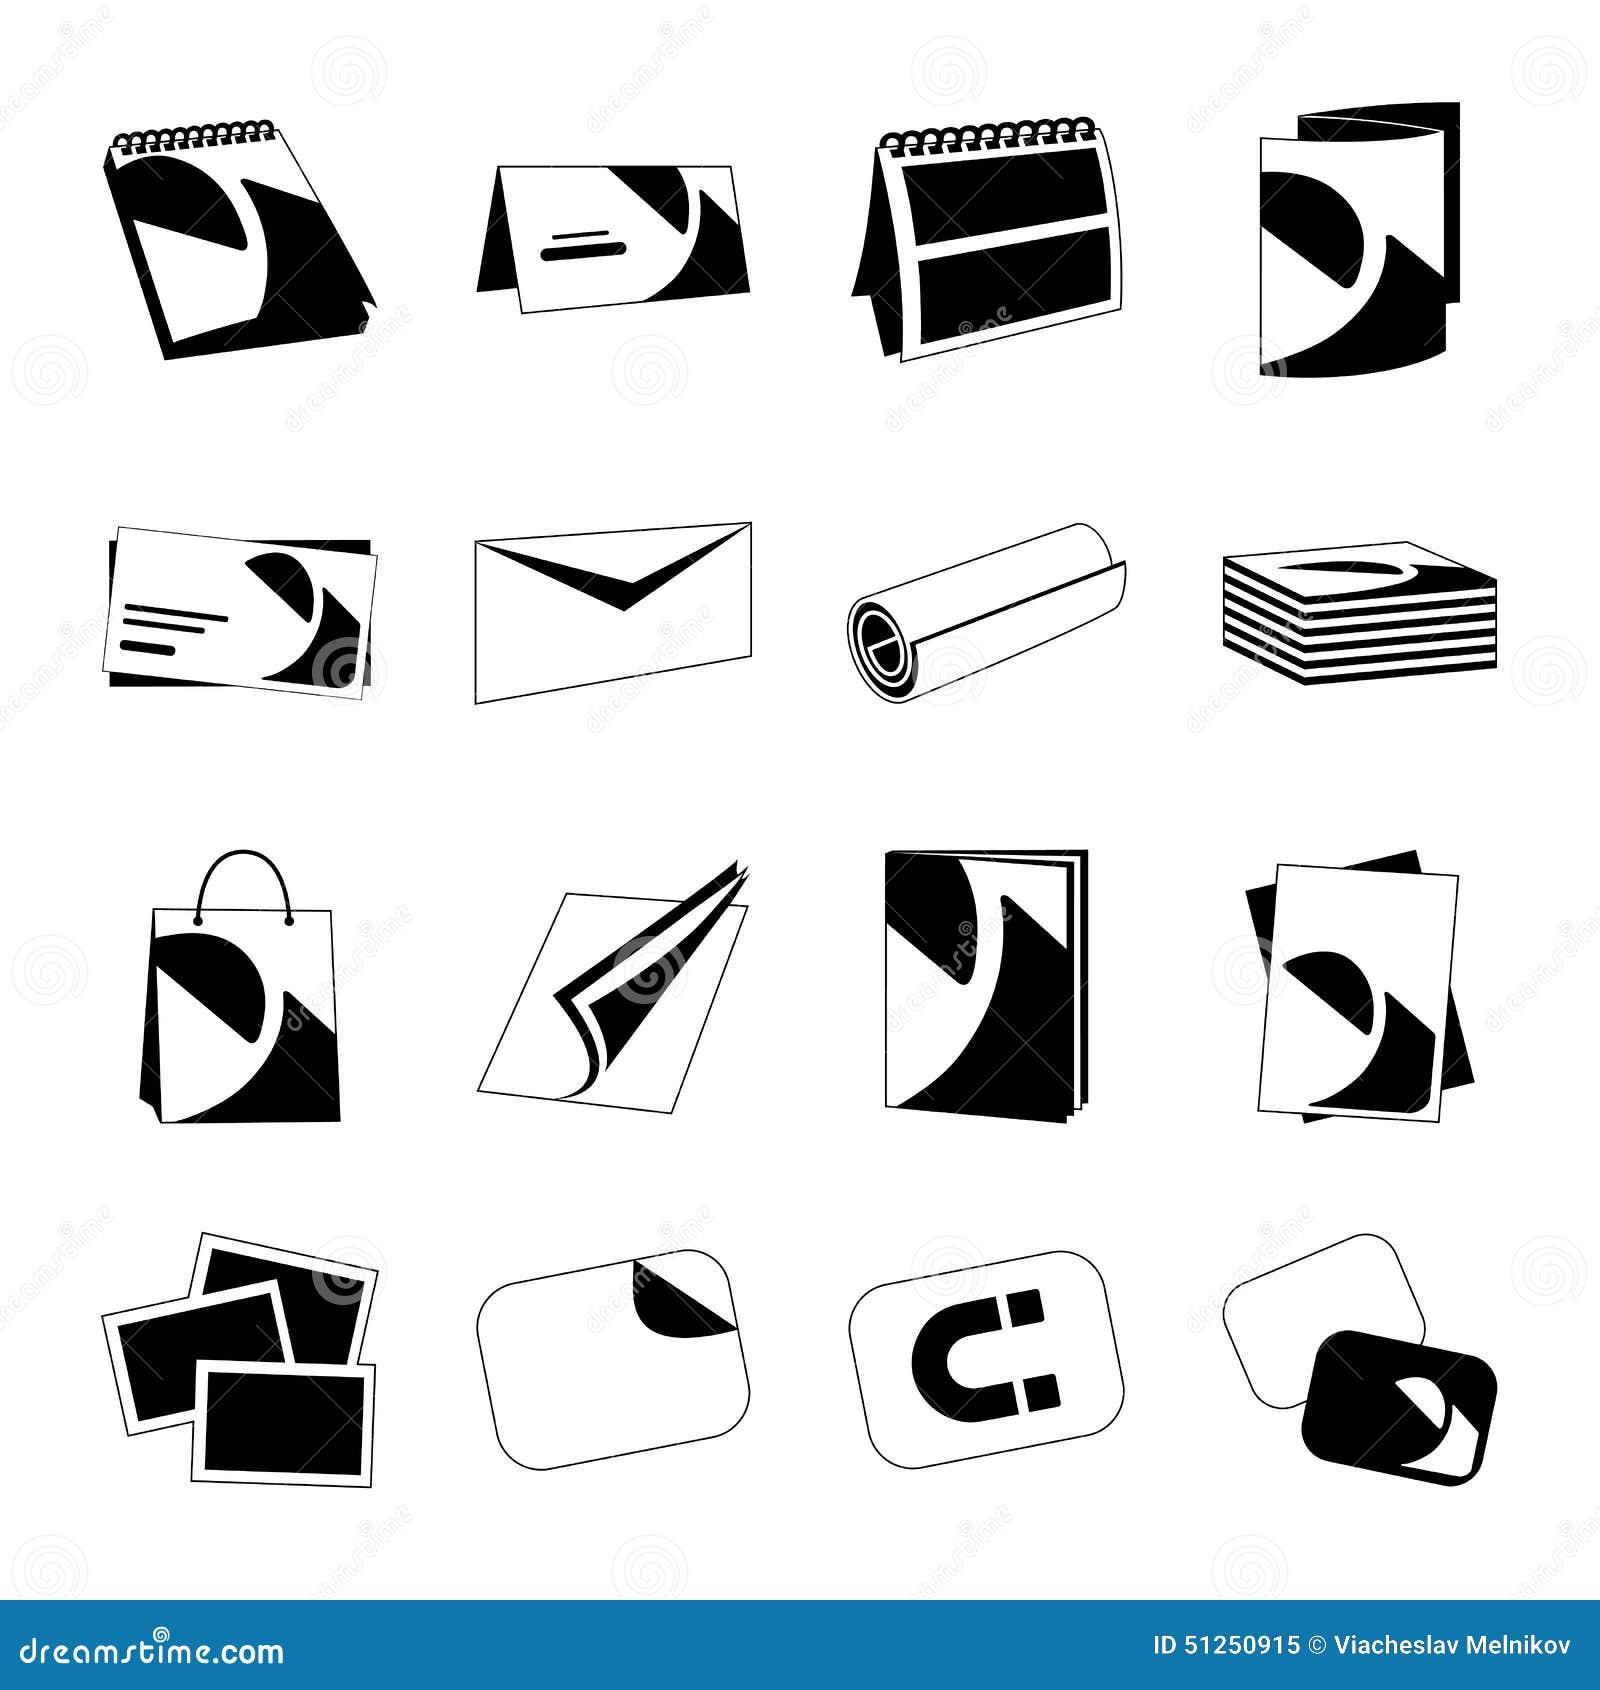 Icnes Noires Monochromes De Web Maison D Impression Rgles